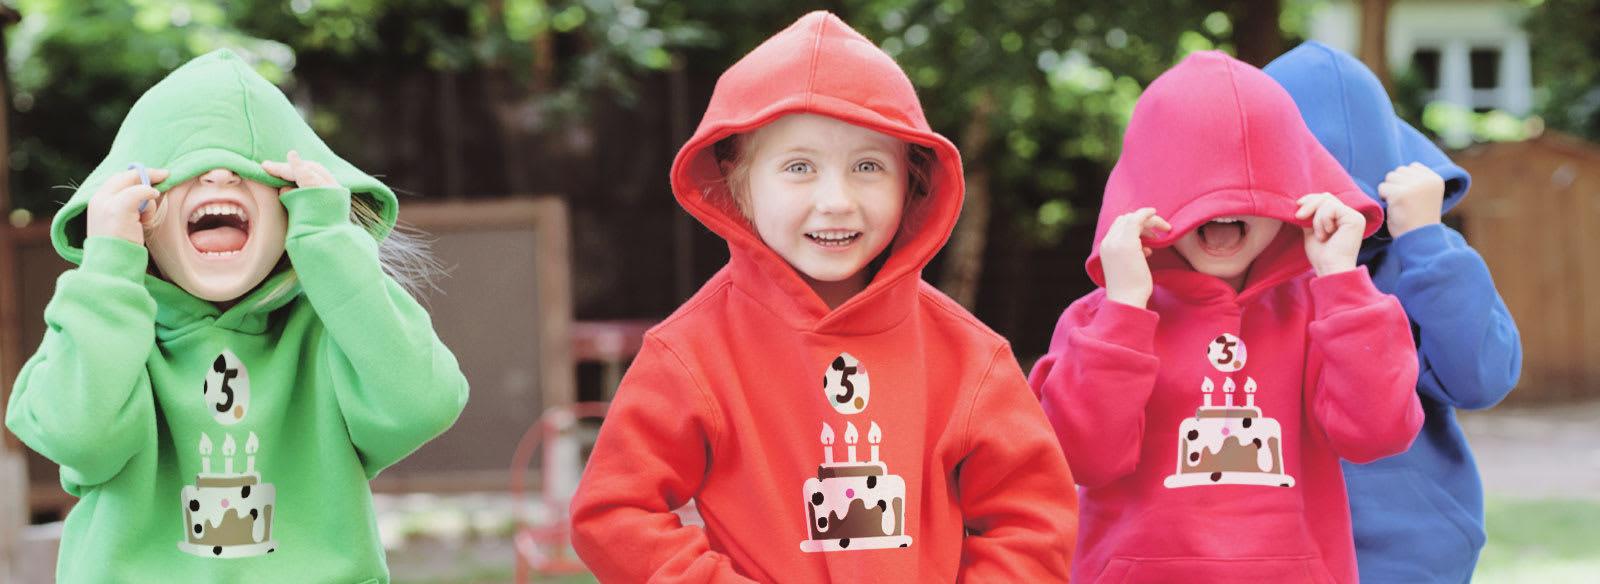 Kinder hoodie ontwerpen